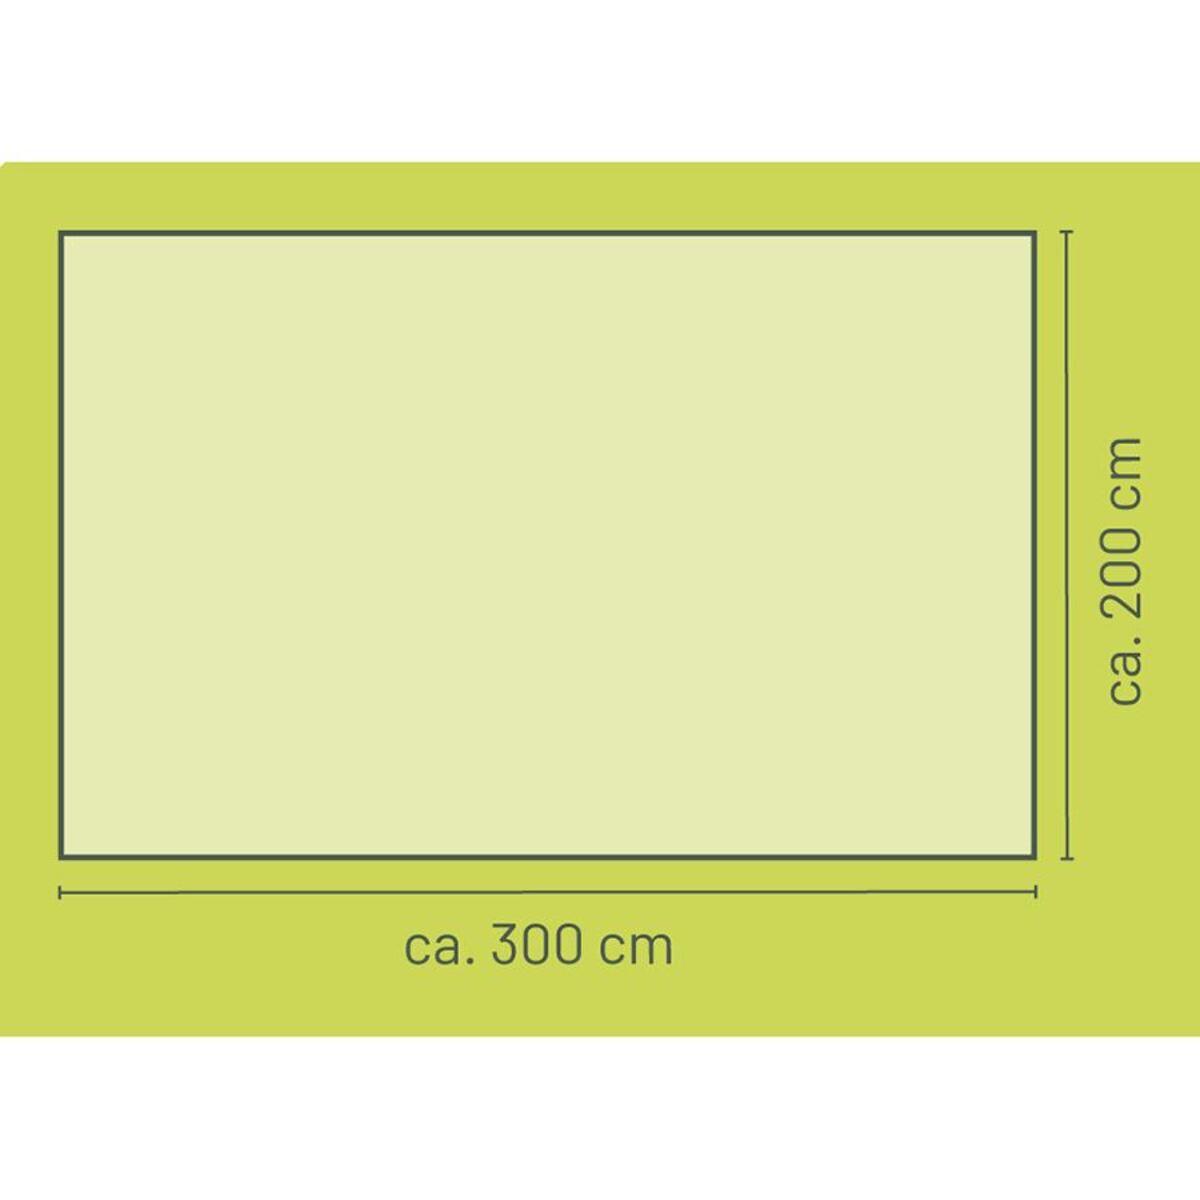 Bild 3 von Sonnensegel Rechteckig 300x200cm Natur, 100% Polyester, Gewicht: ca. 1,80kg